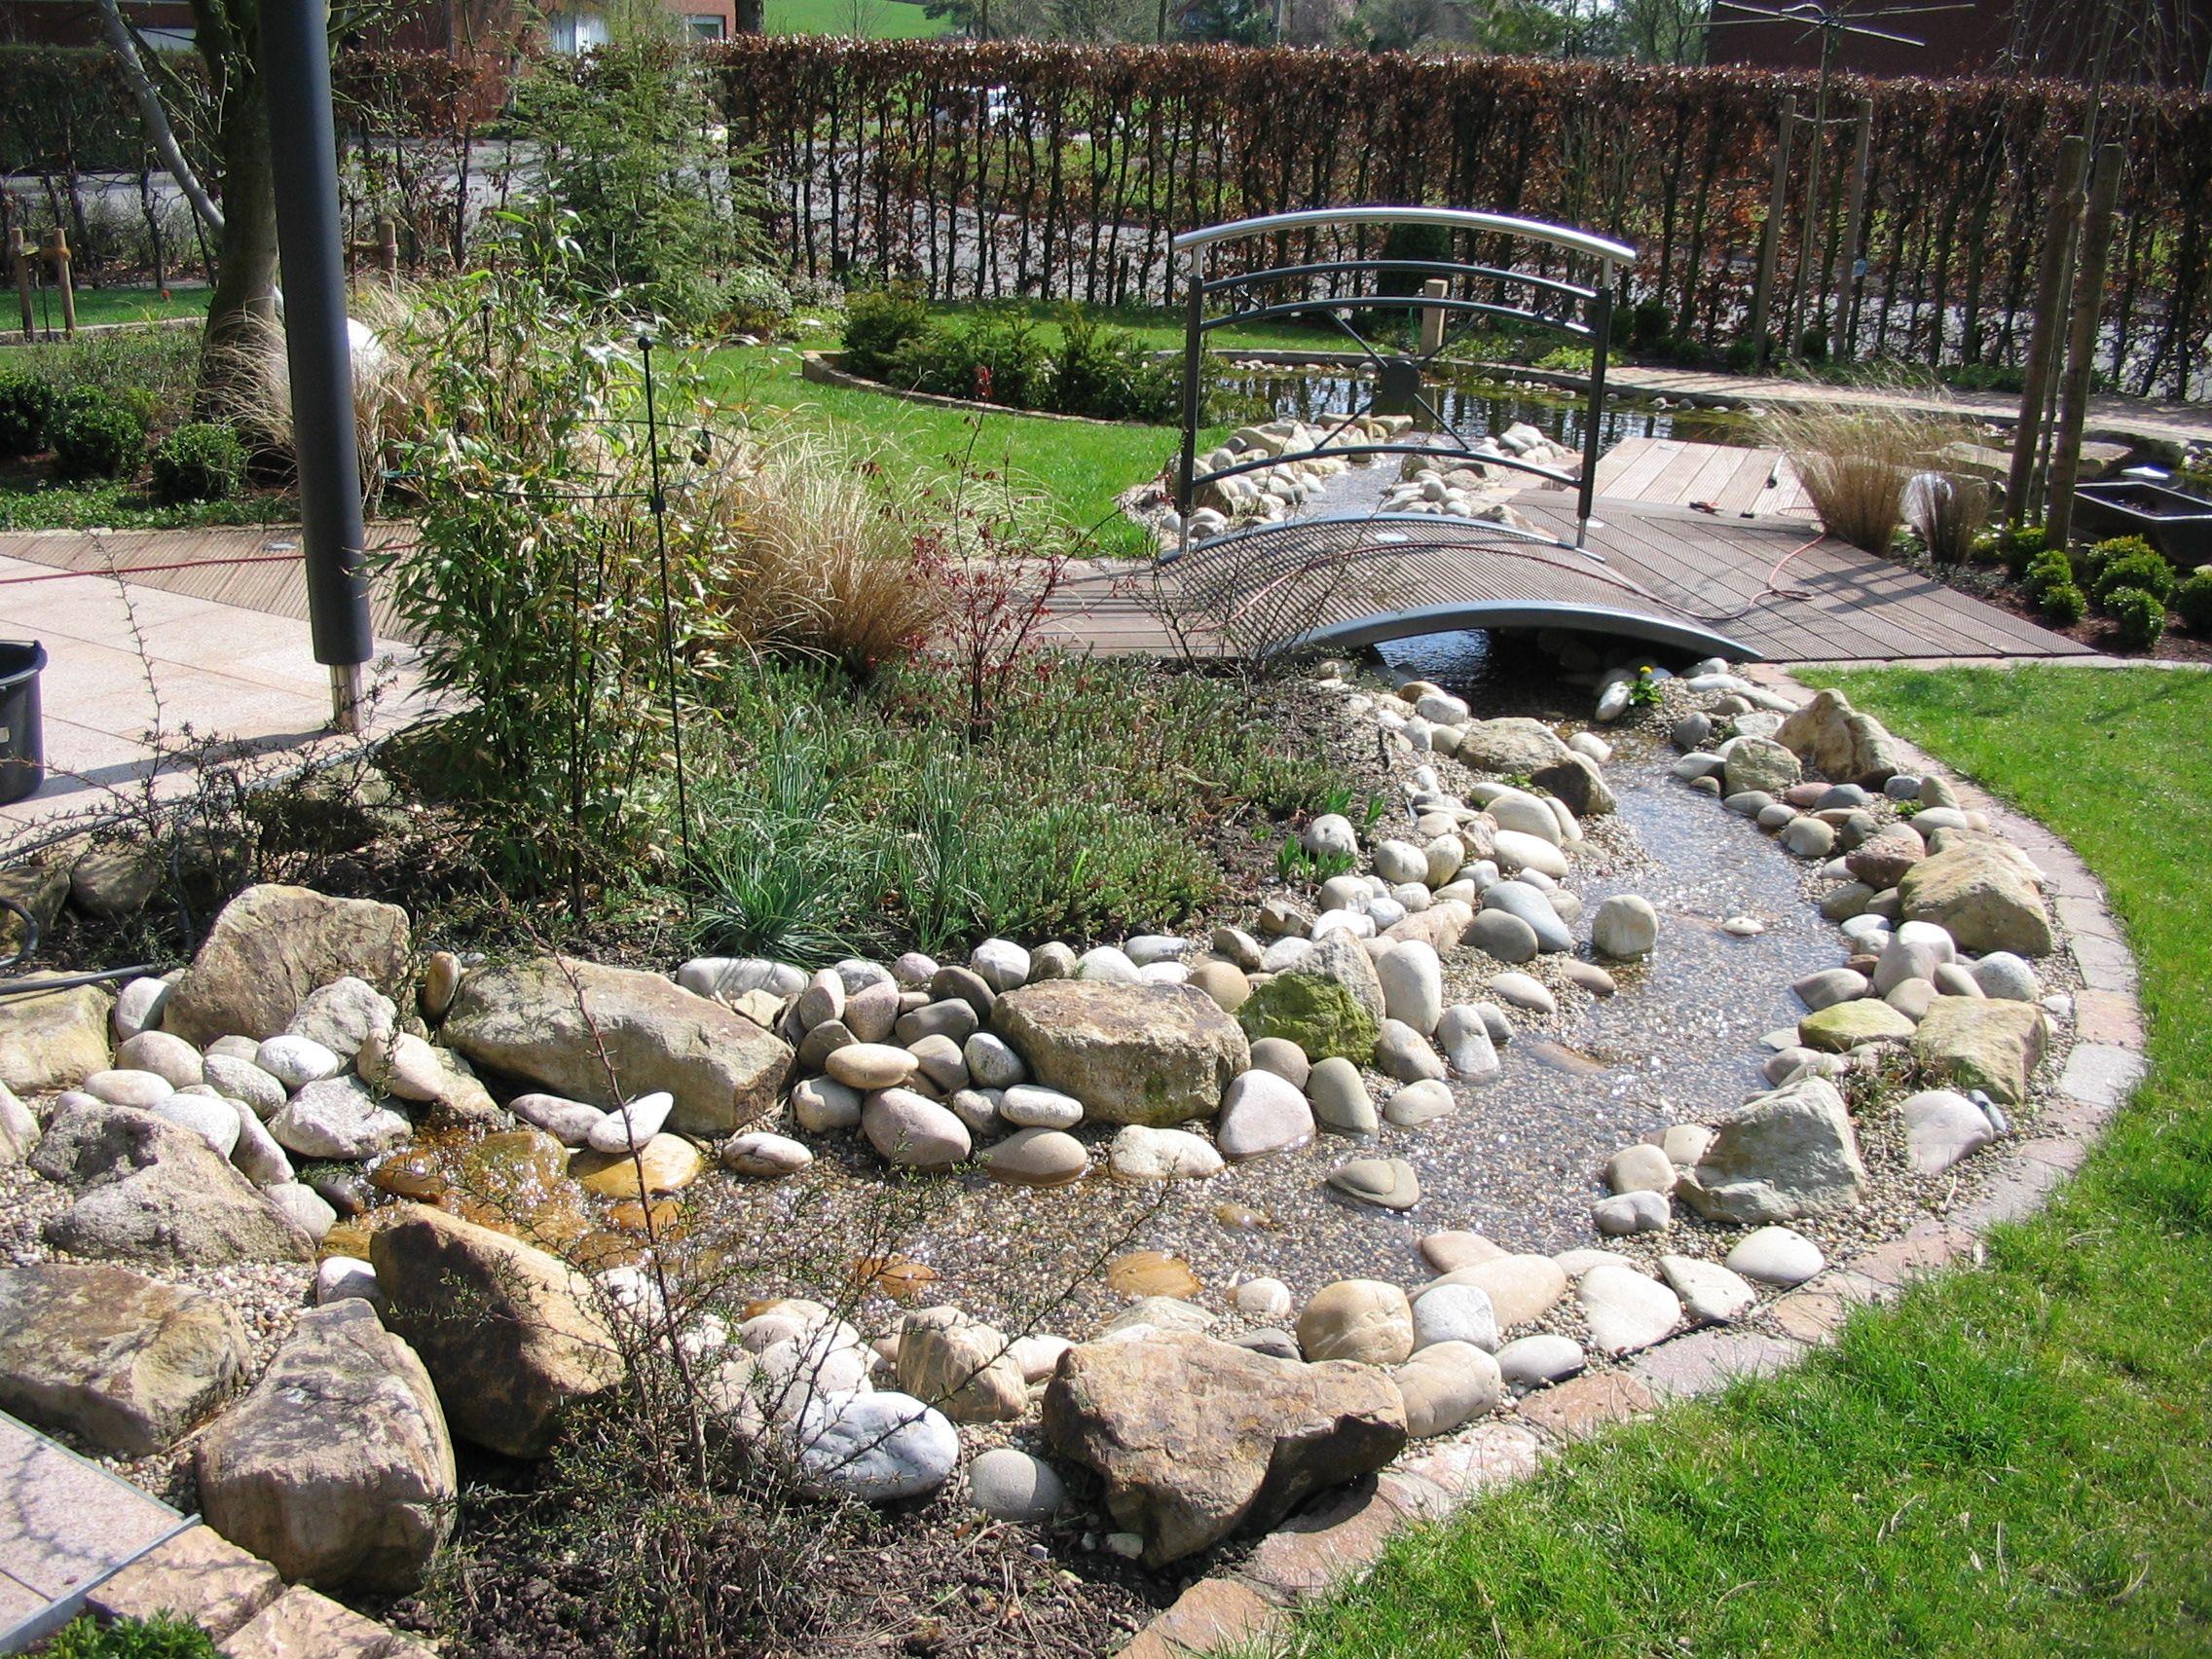 Garten bachlauf ideen f r den garten pinterest garten bachlauf und bachlauf im garten - Wasserrutsche garten ...